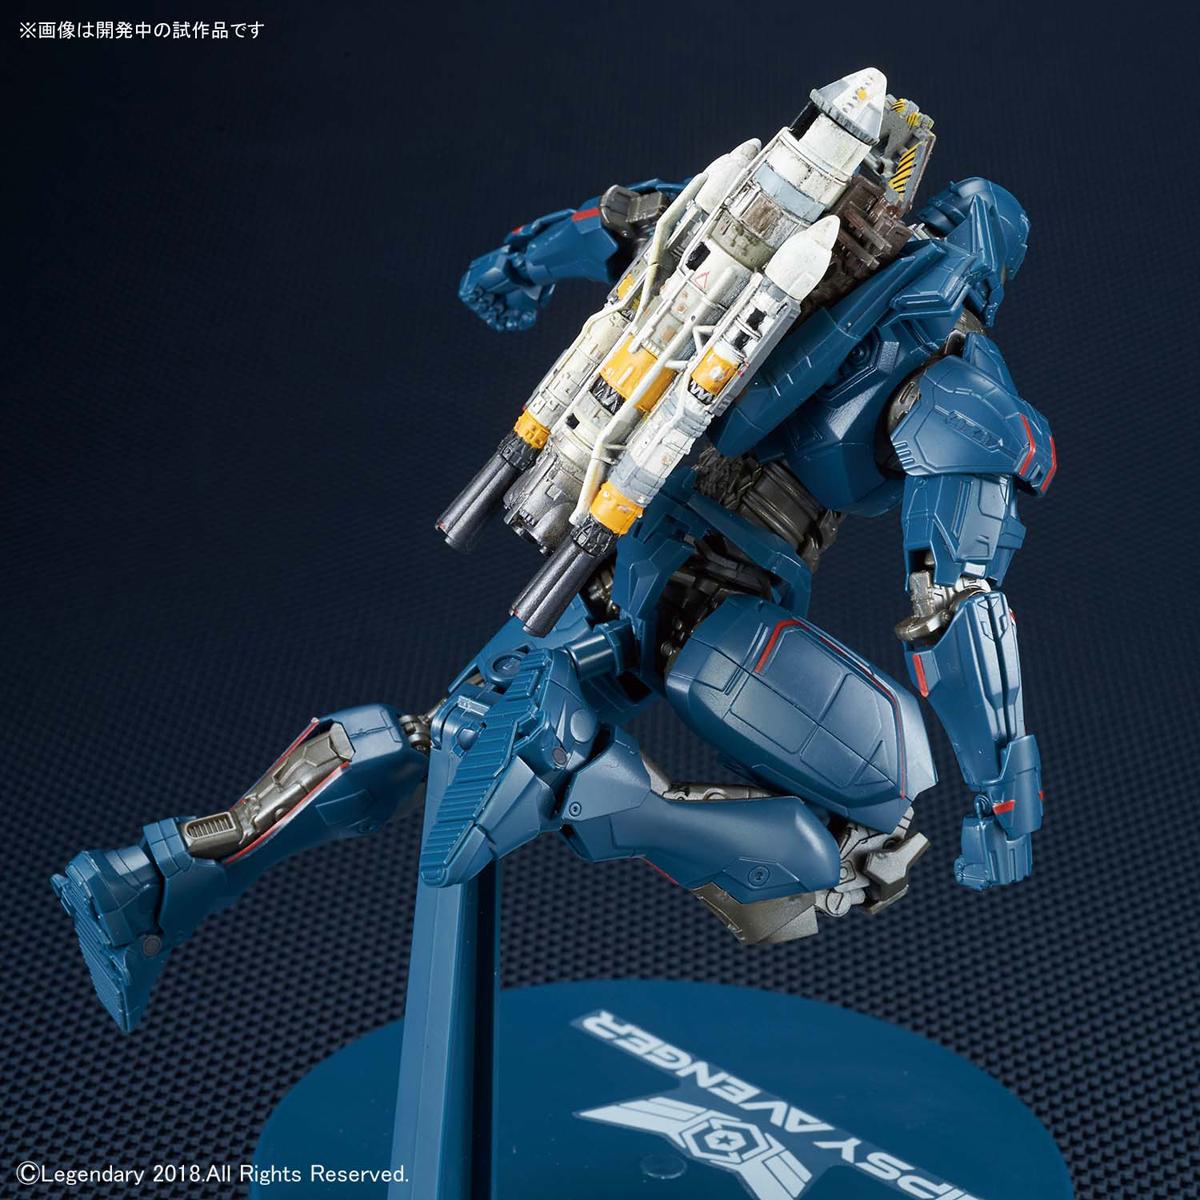 HG 『パシフィック・リム』 ジプシー・アベンジャー(最終決戦仕様) プラモデル